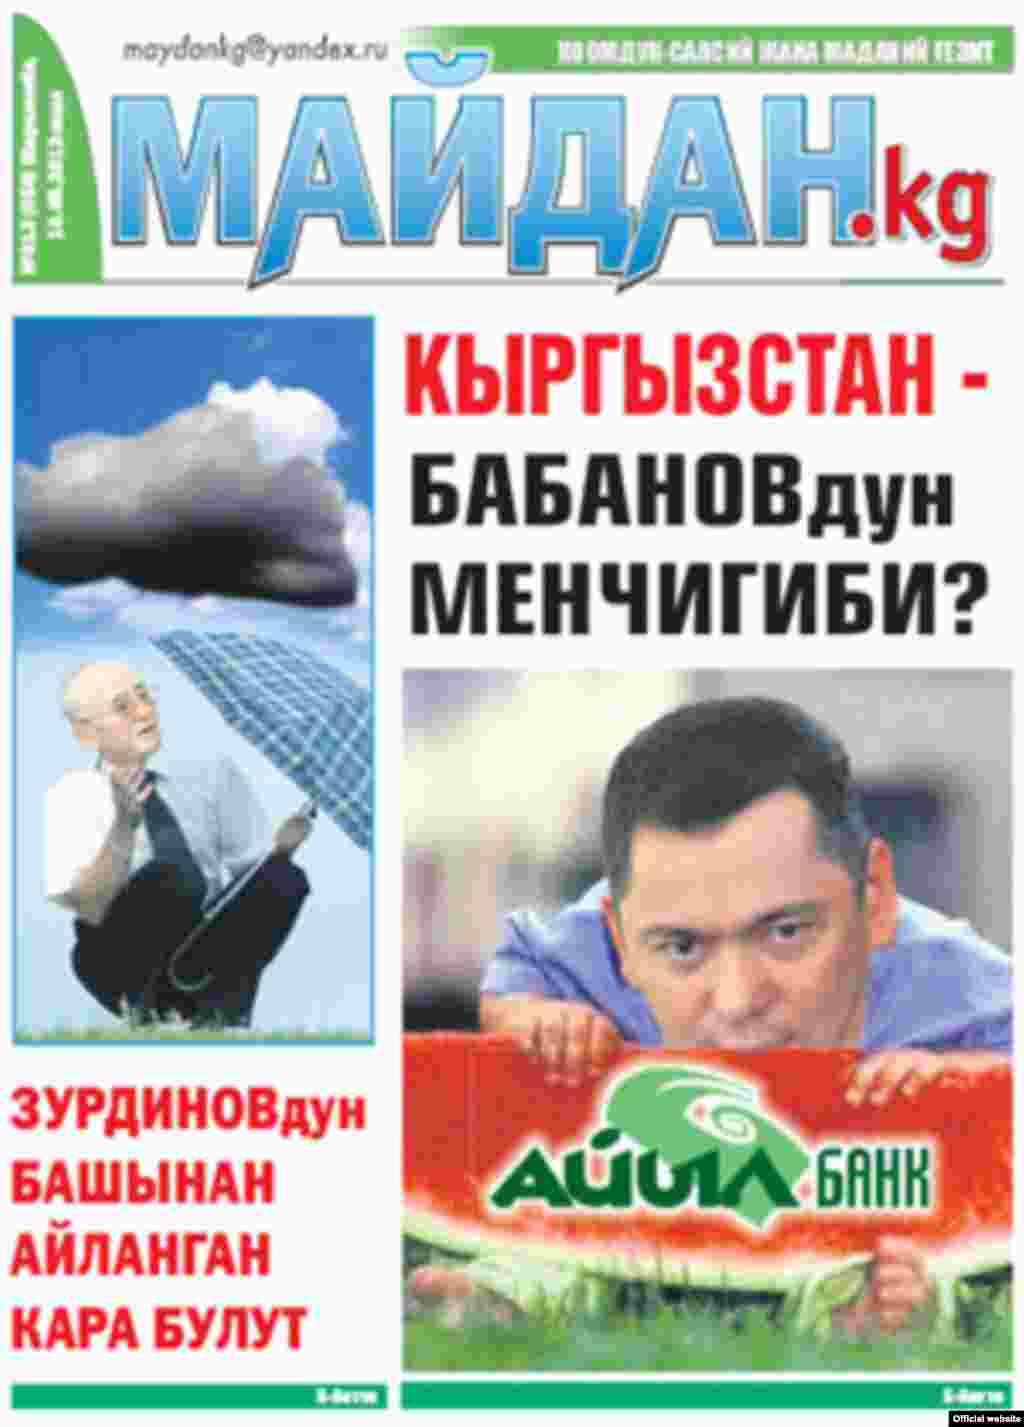 """Арестован издатель оппозиционной газеты """"Майдан.kg"""" по обвинению в вымогательстве."""